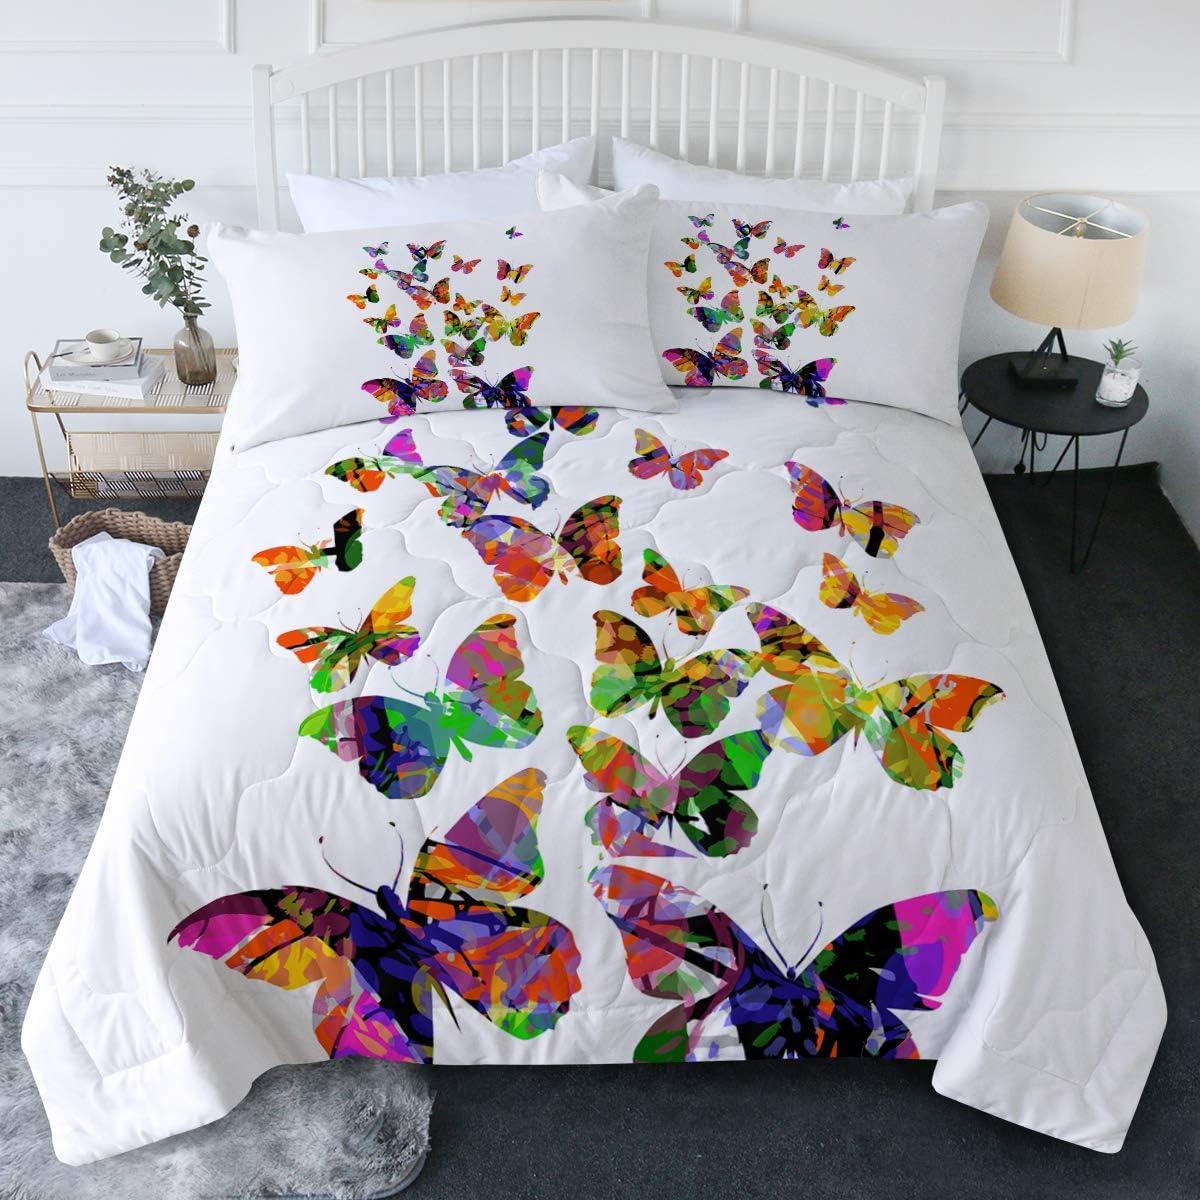 BlessLiving 3 Piece Butterfly Comforter Miami Mall Gir Max 67% OFF Cute Teen Modern Set